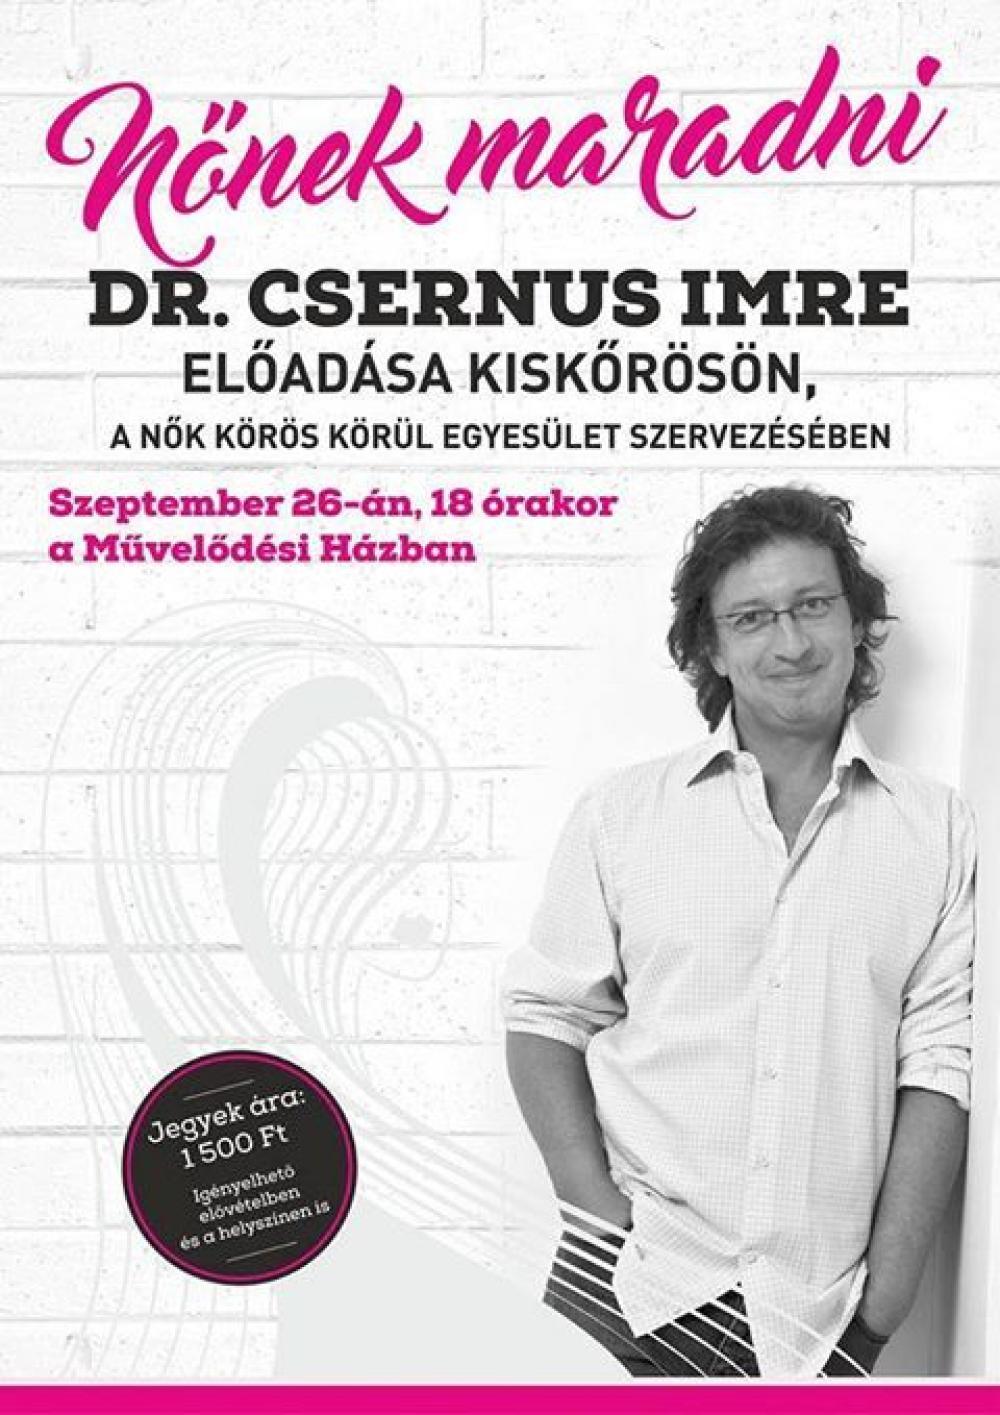 Nőnek maradni - dr. Csernus Imre előadása